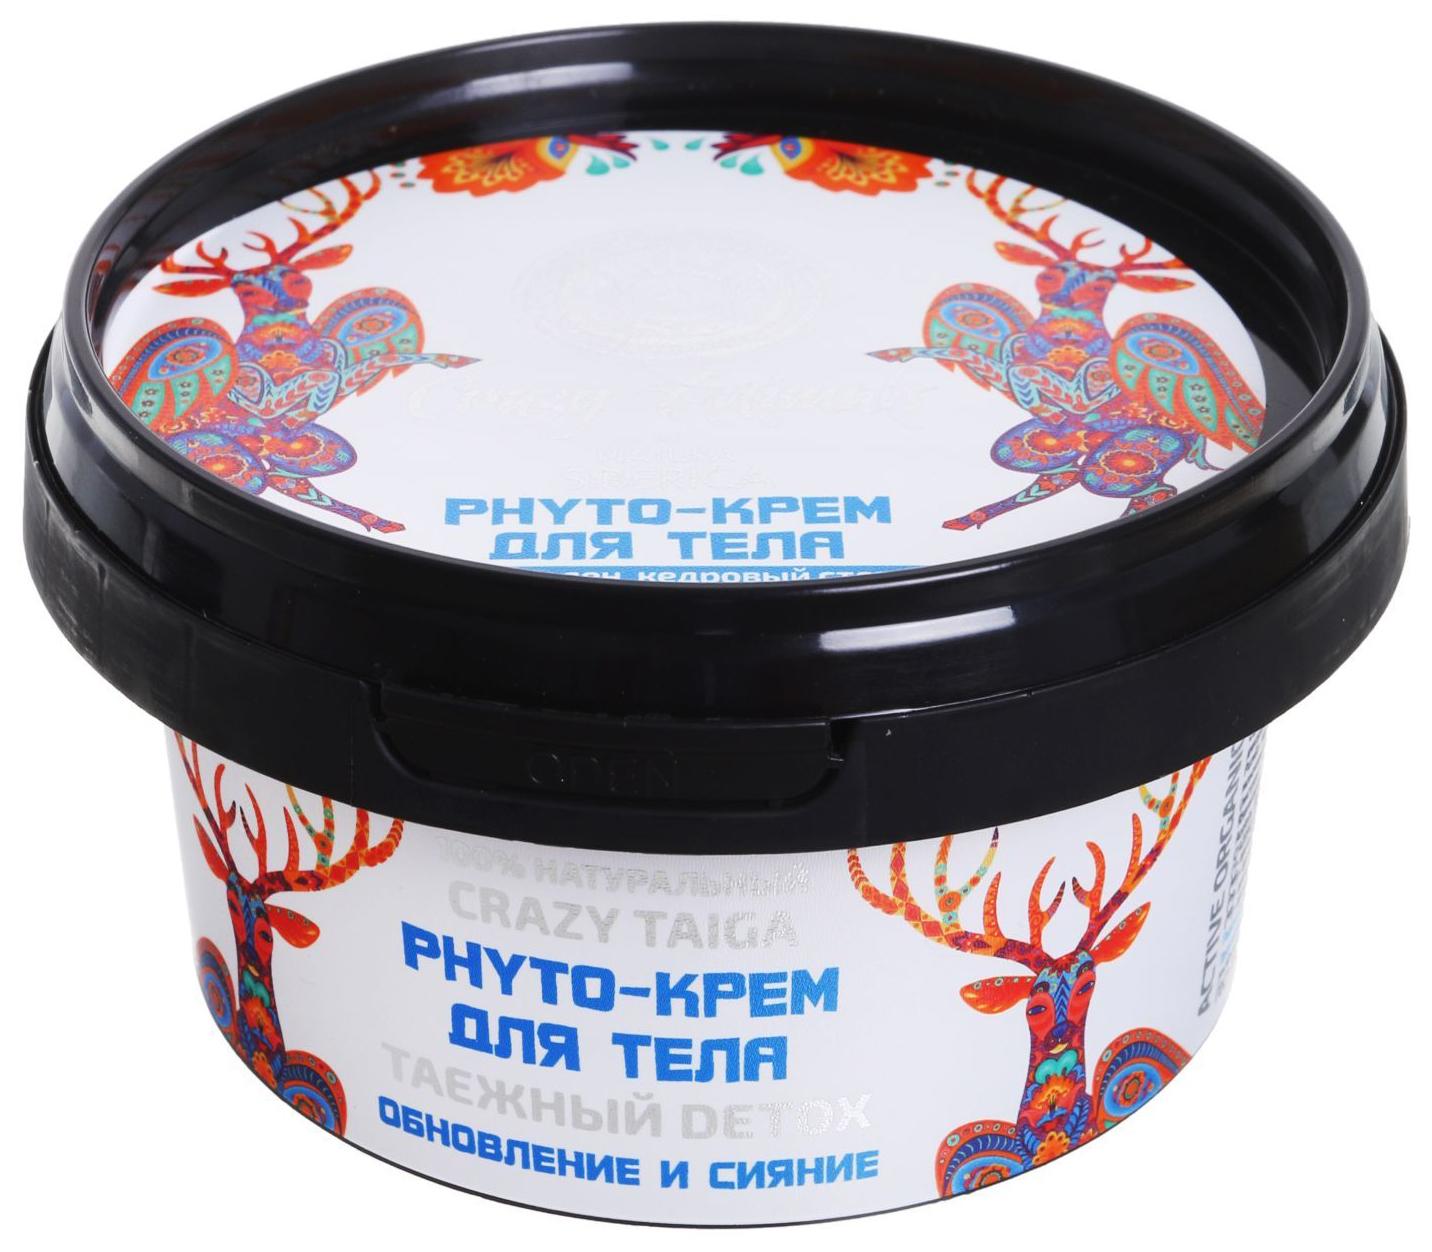 Крем для тела Natura Siberica Crazy Animals Phyto-крем Таежный detox 180 мл фото